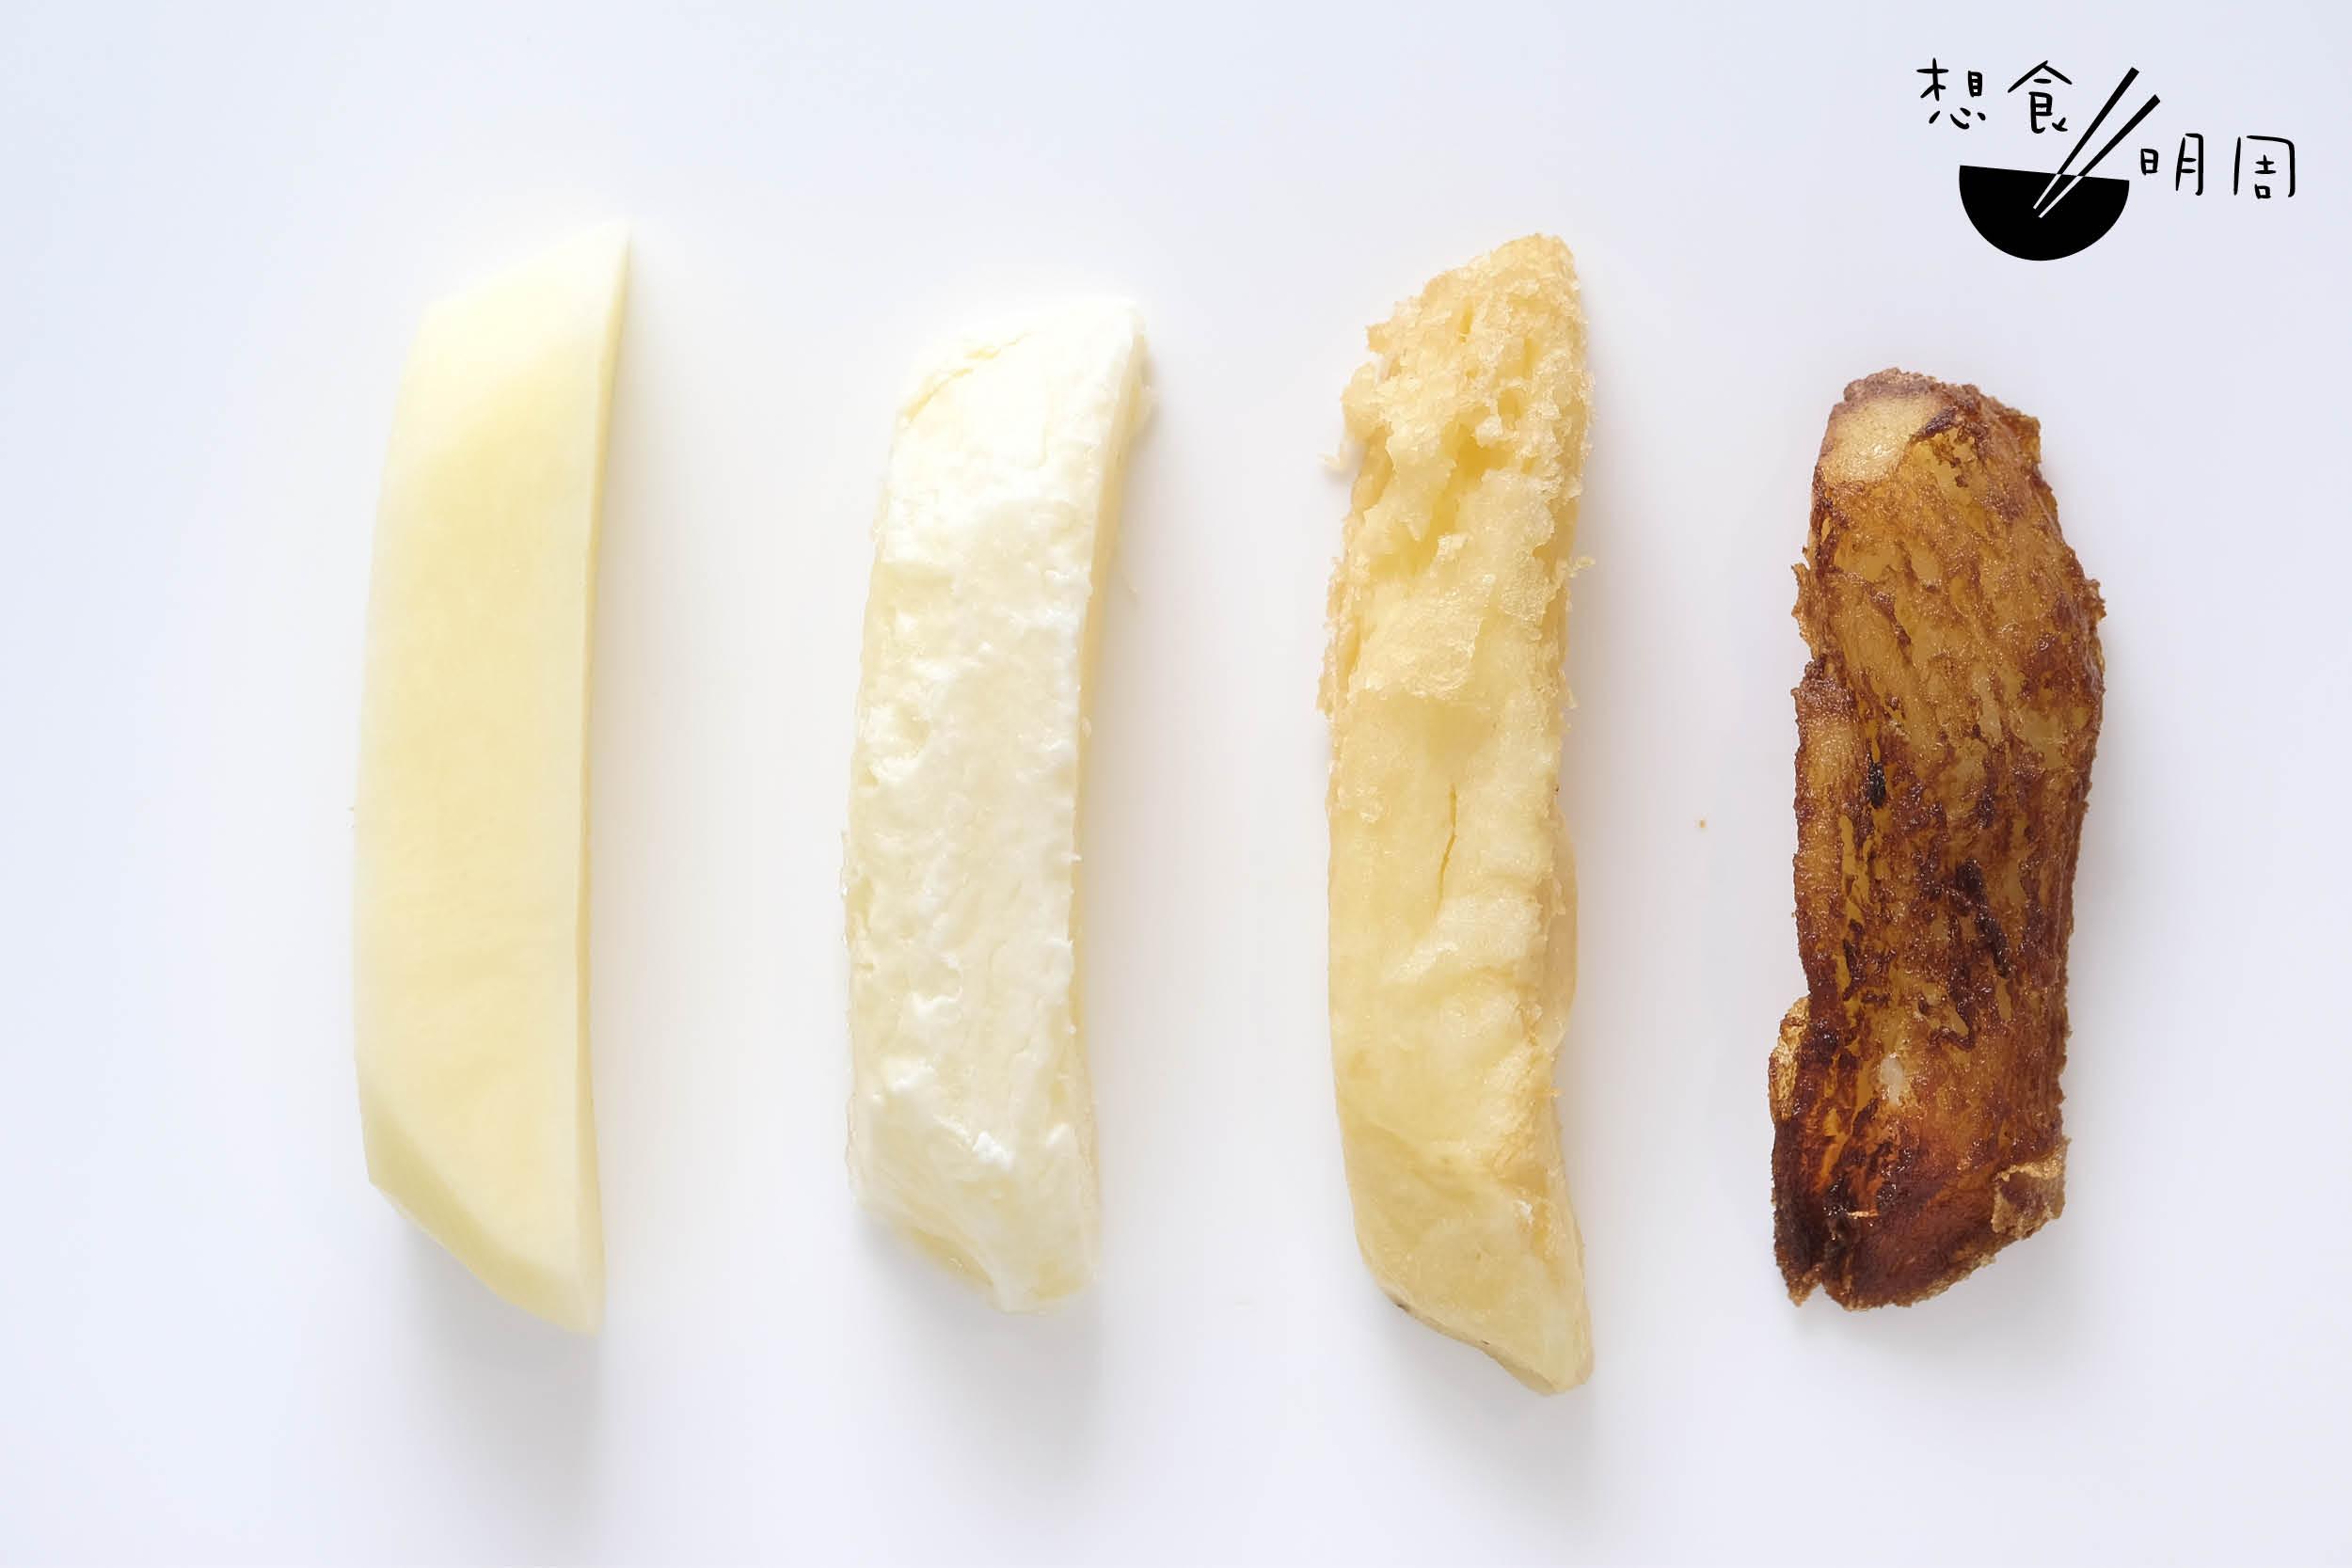 (左至右)1. 鮮薯仔切成粗條;2. 烚煮一次後冷藏;3. 炸起一次;4. 炸起第二次